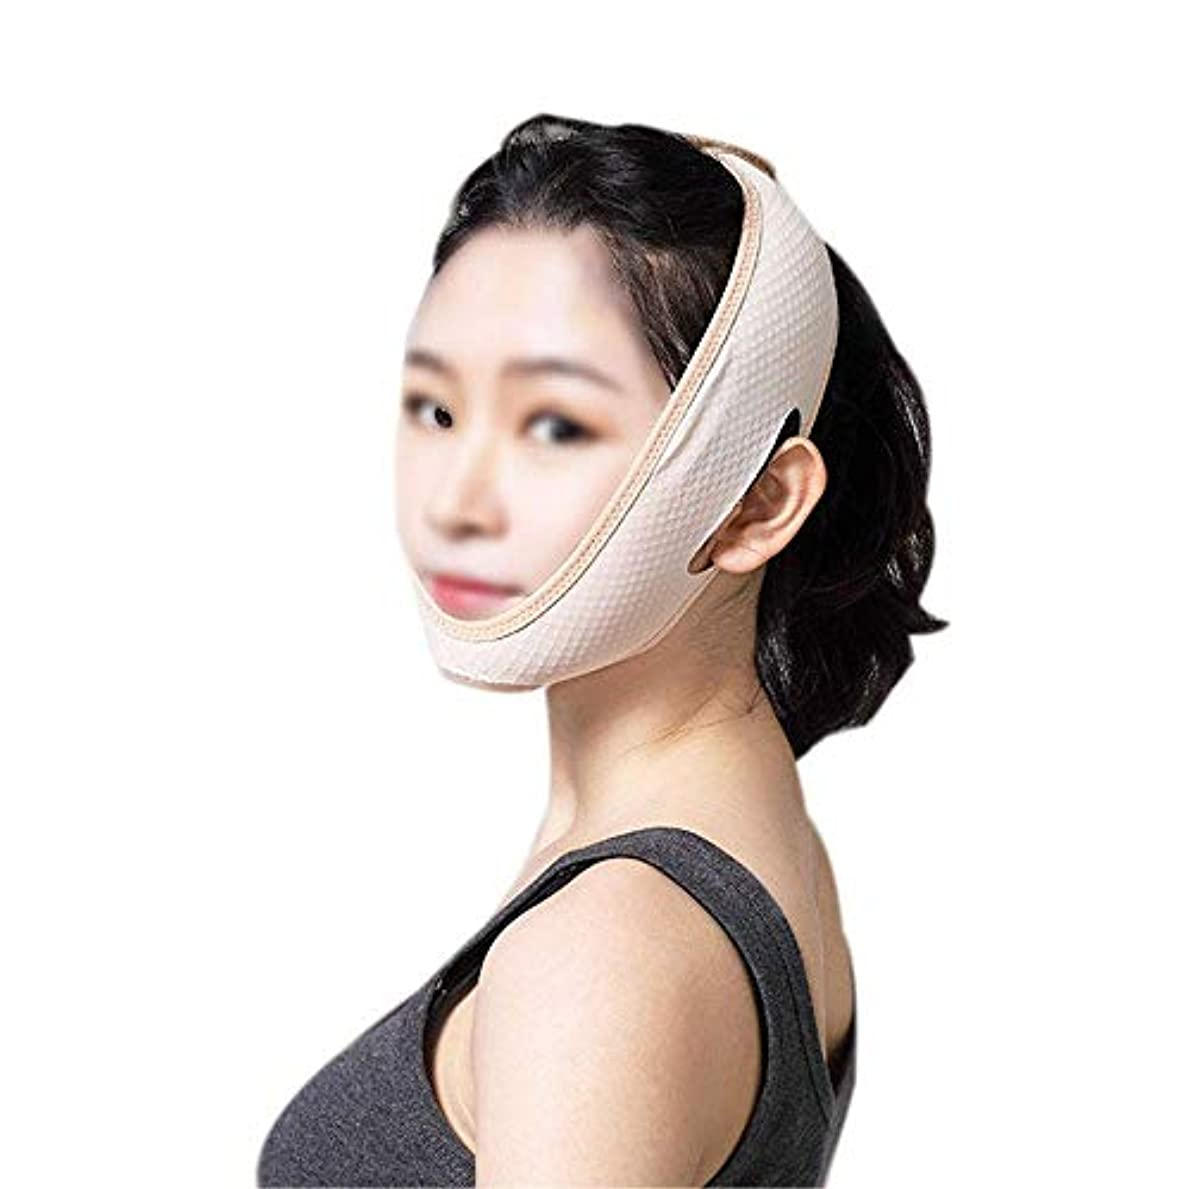 エジプト本当にゴシップフェイスリフティングバンデージ、肌の引き締めを強化する薄いフェイスマスクの睡眠、ダブルチンマスクの削減